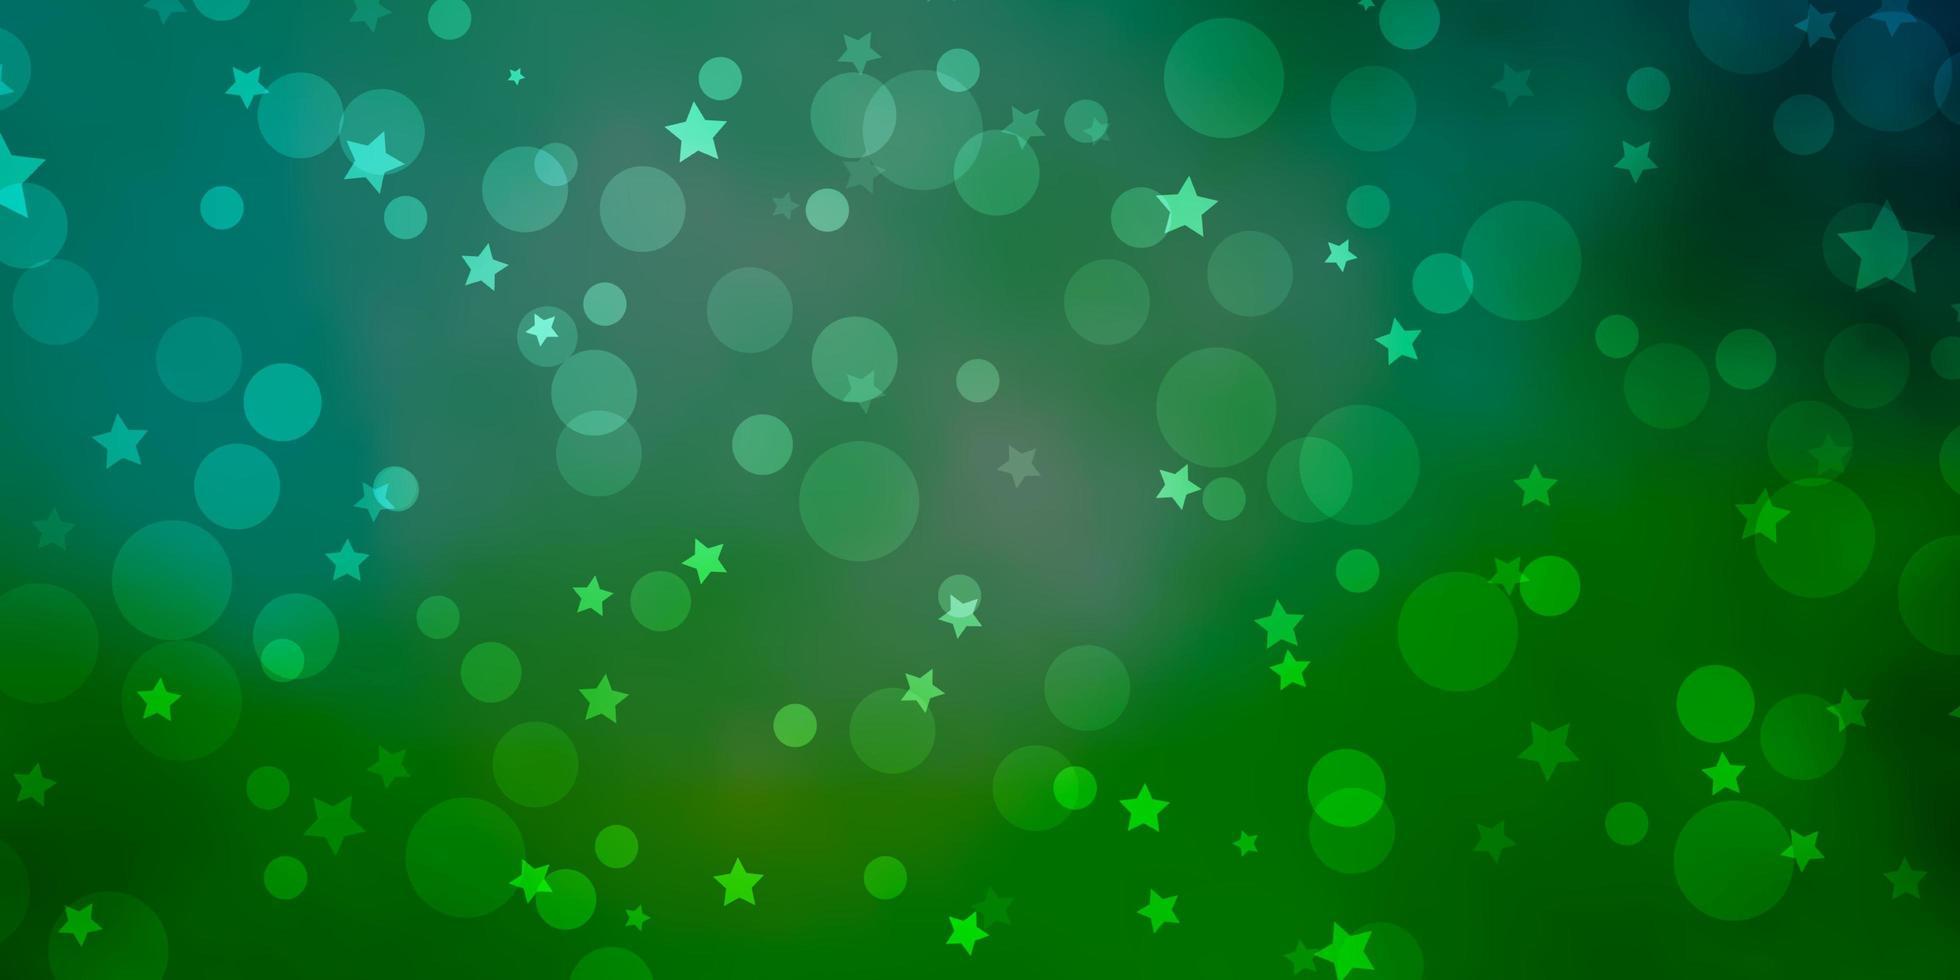 Telón de fondo de vector verde claro con círculos, estrellas.